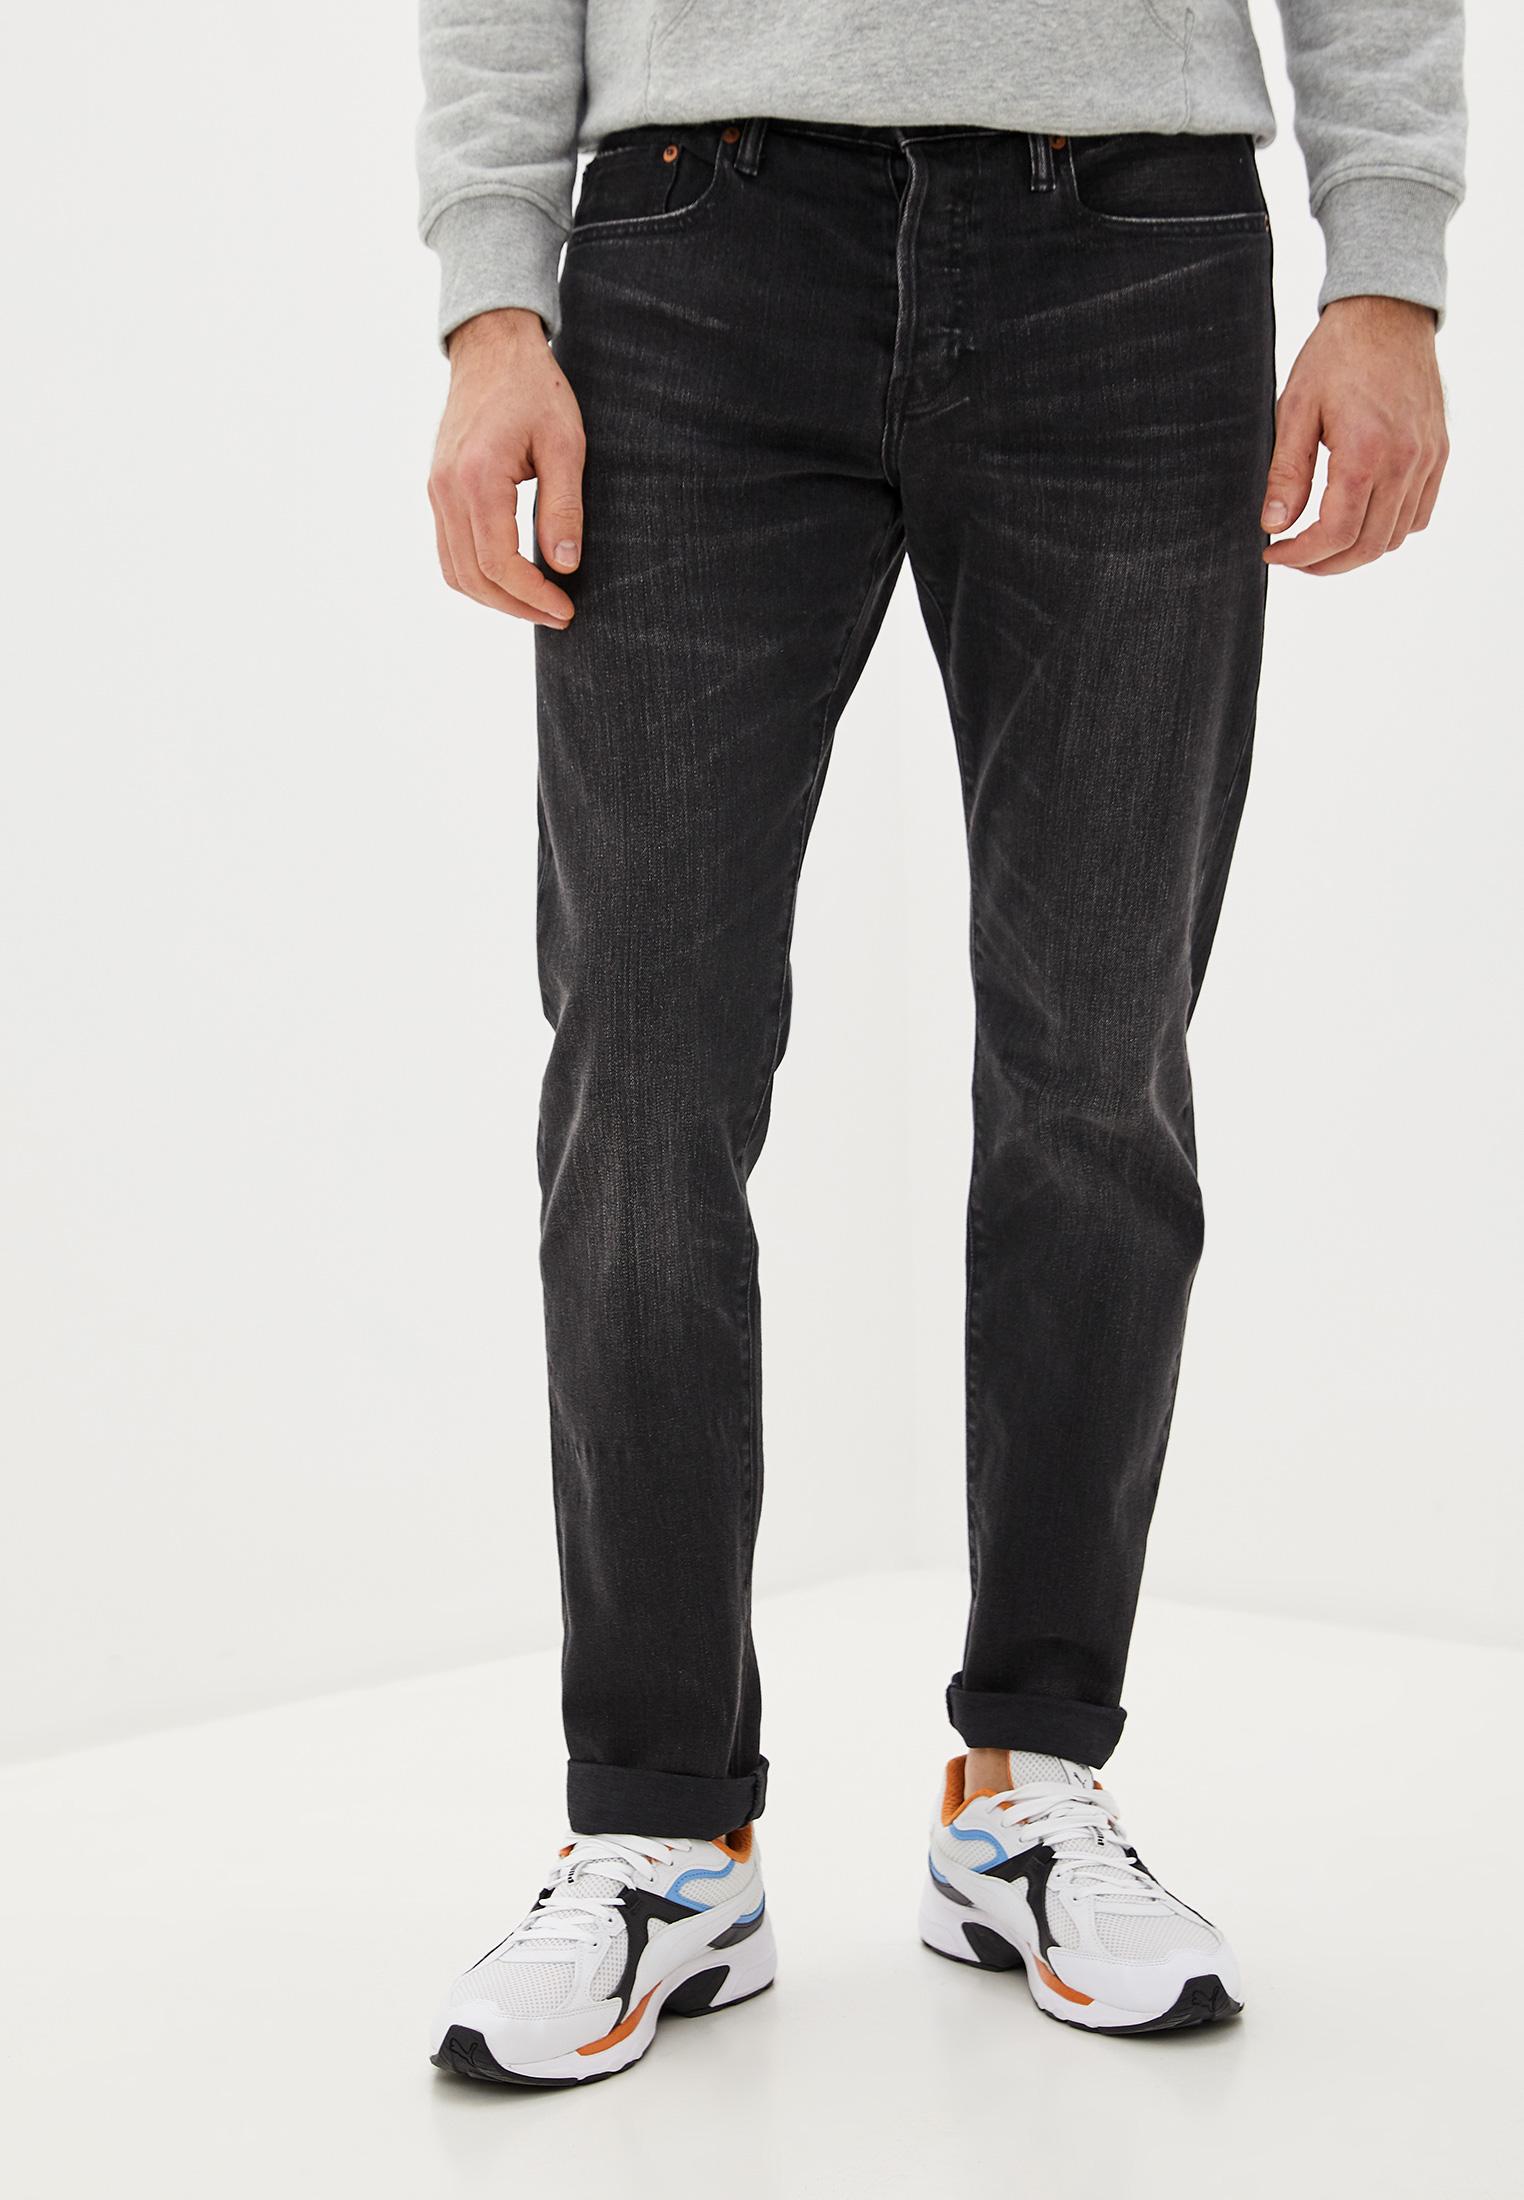 Мужские прямые джинсы Gap 492724